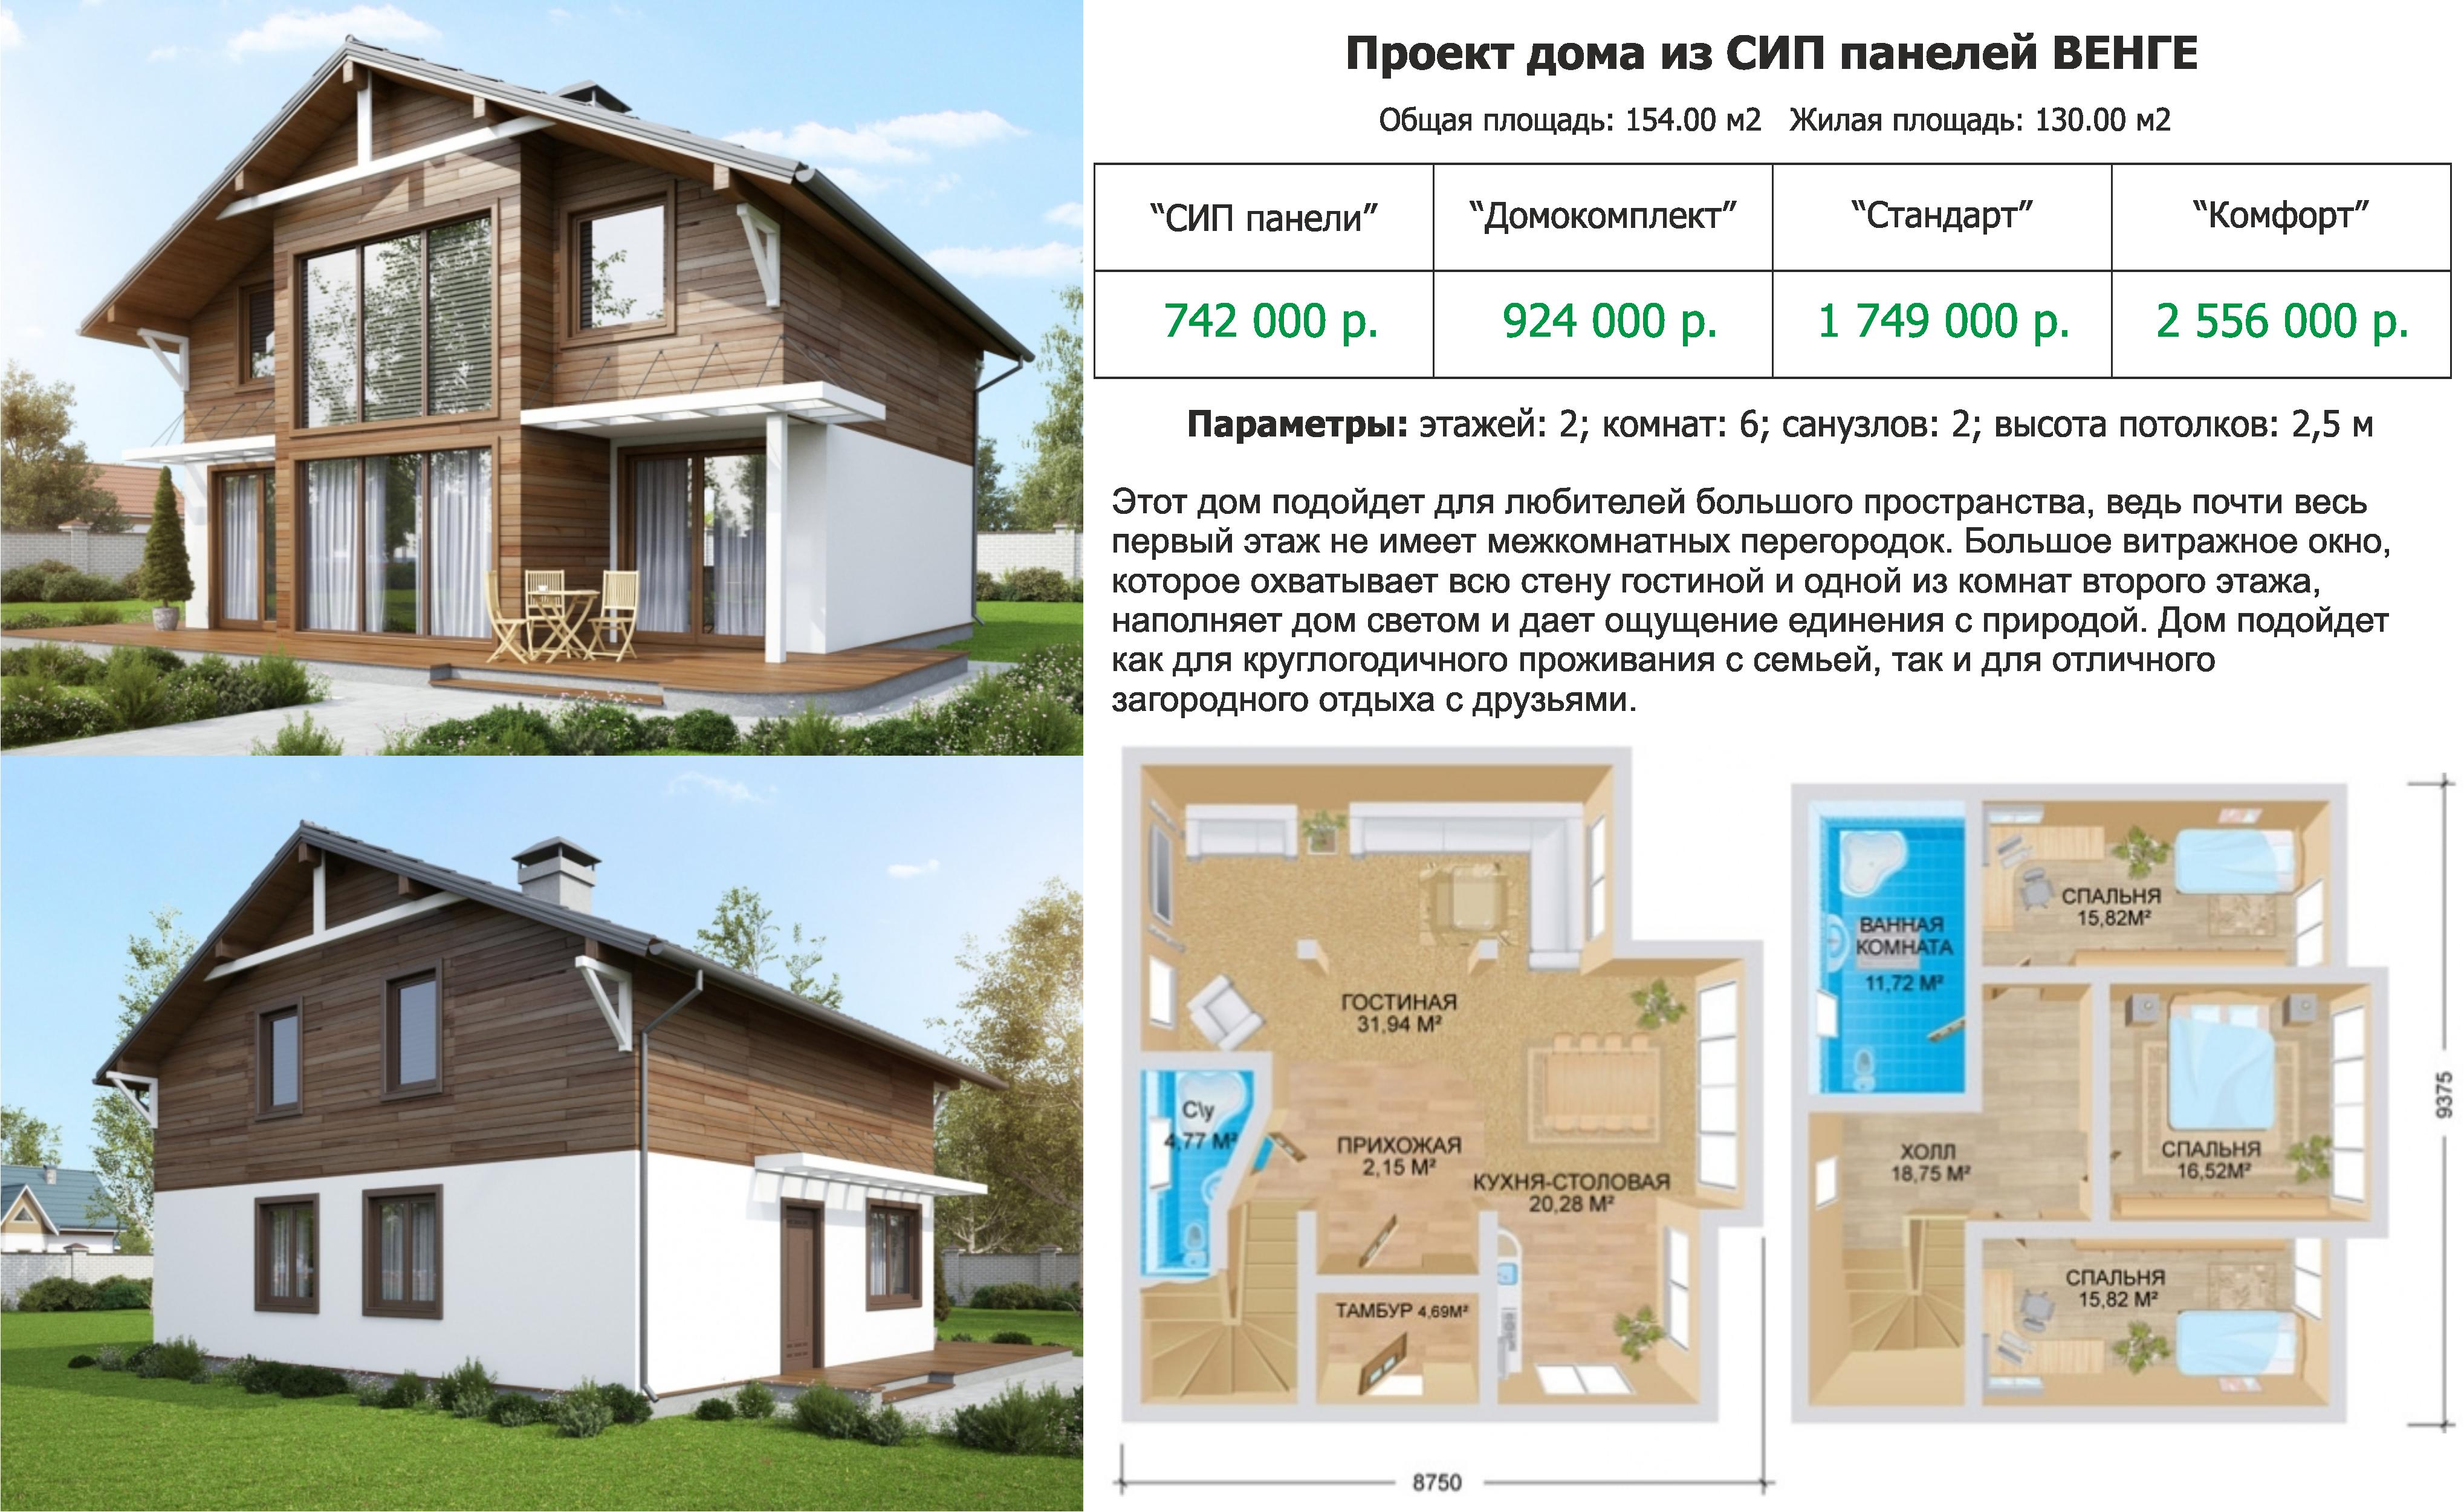 проекты домов из сип панелей самара обзор фирм-производителей